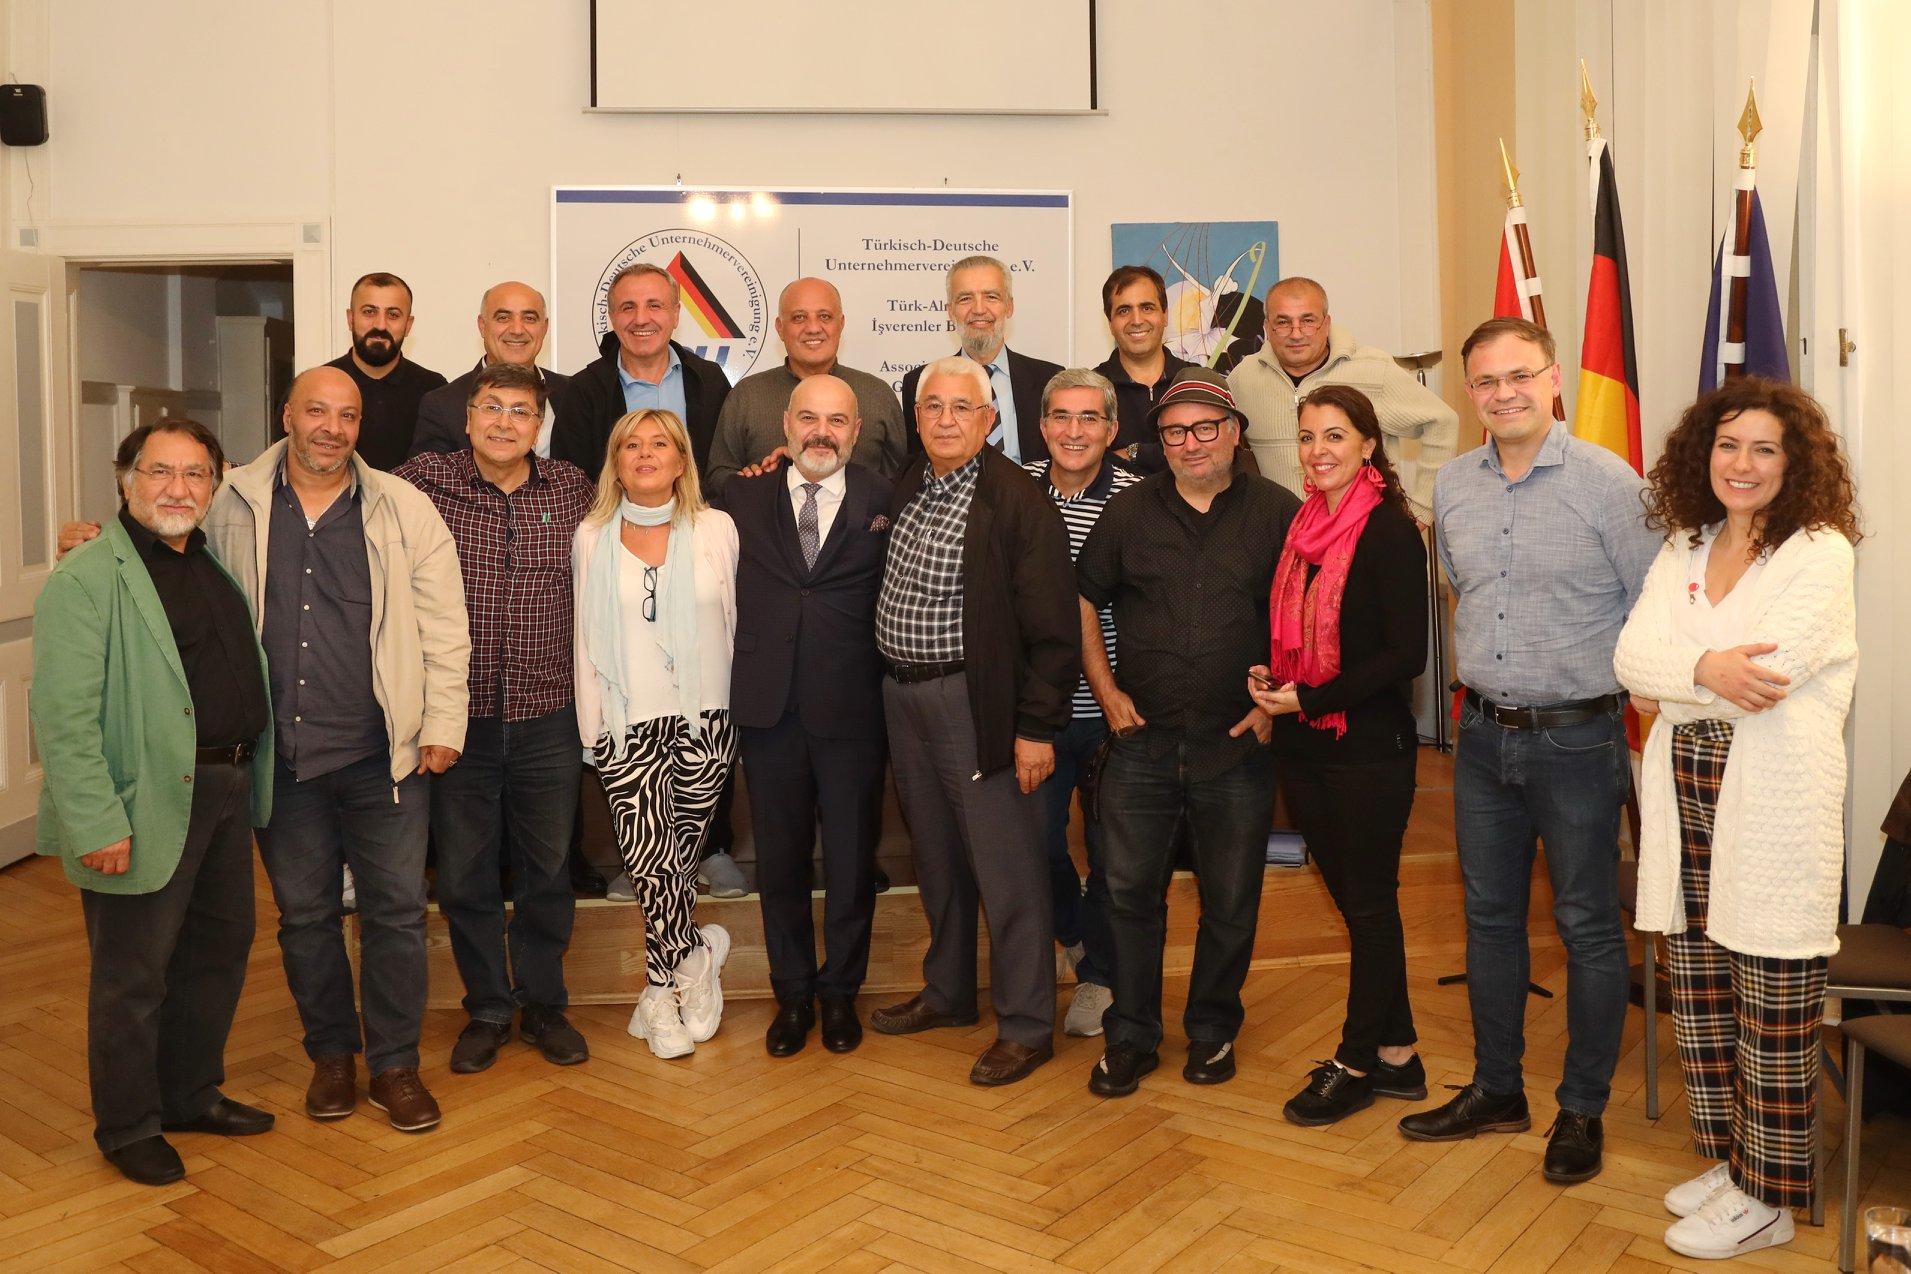 Berlinli medya emekçileri örgütleniyor